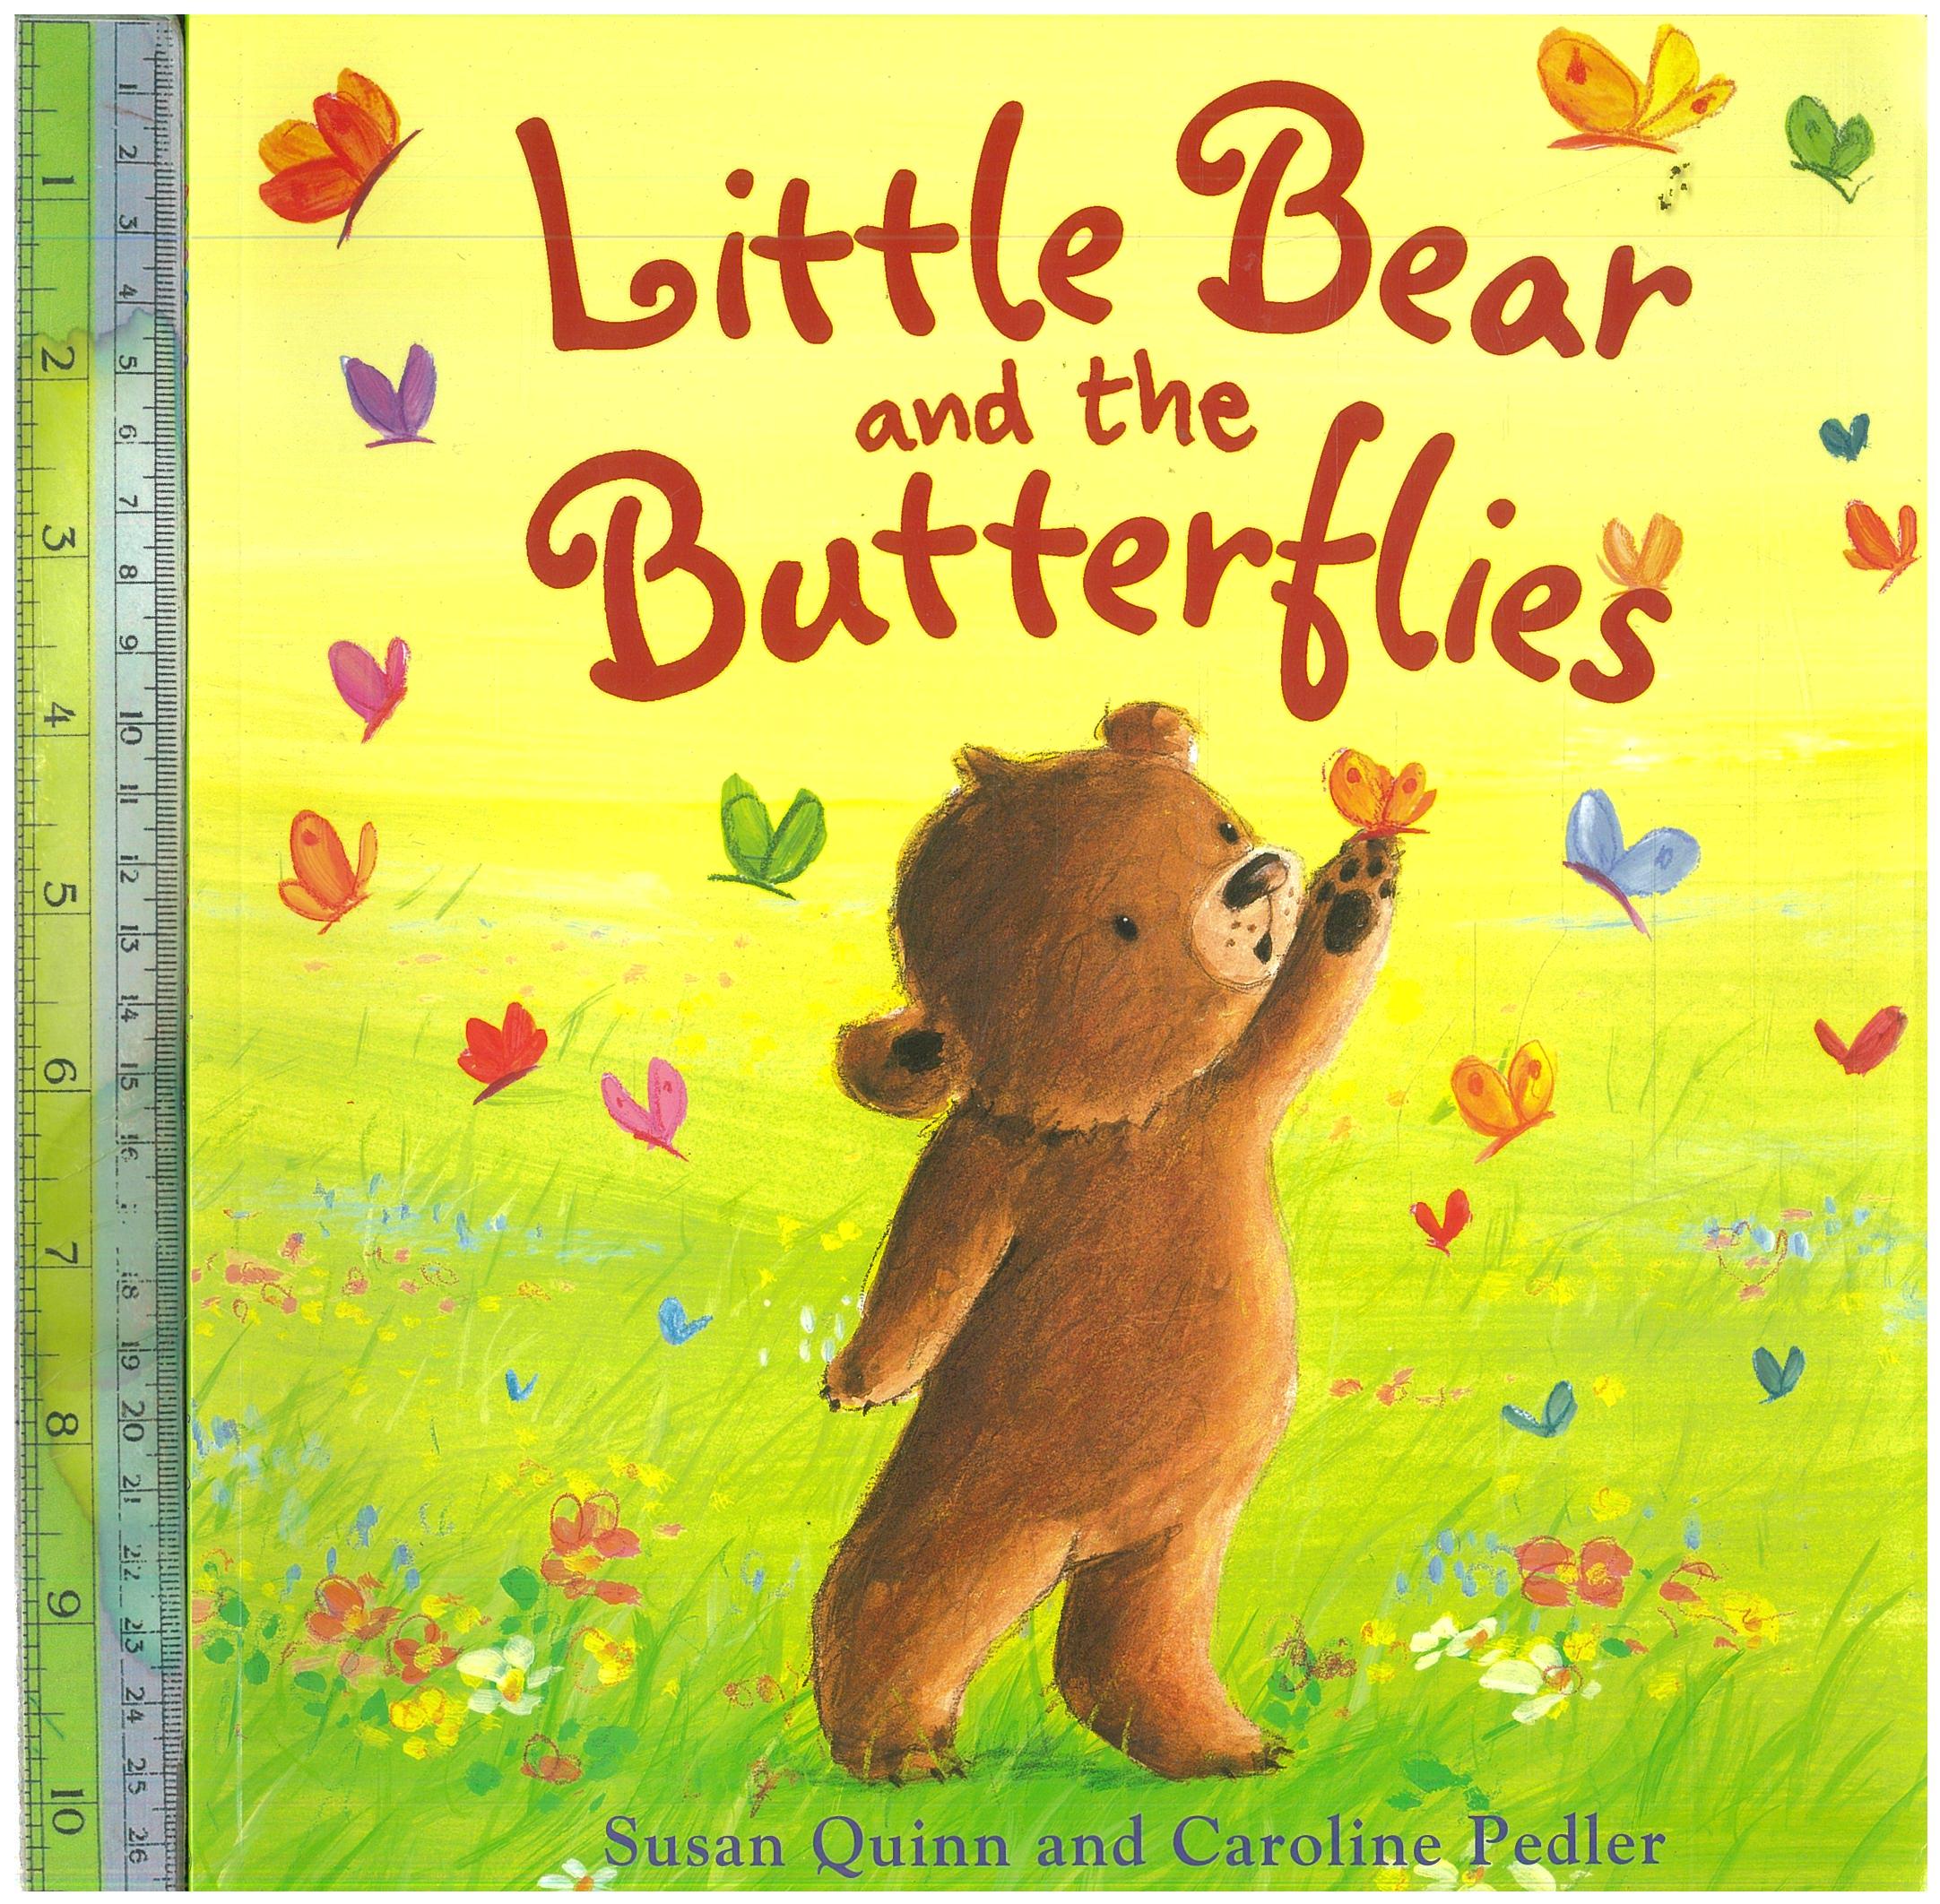 Little Bear and Butterflies